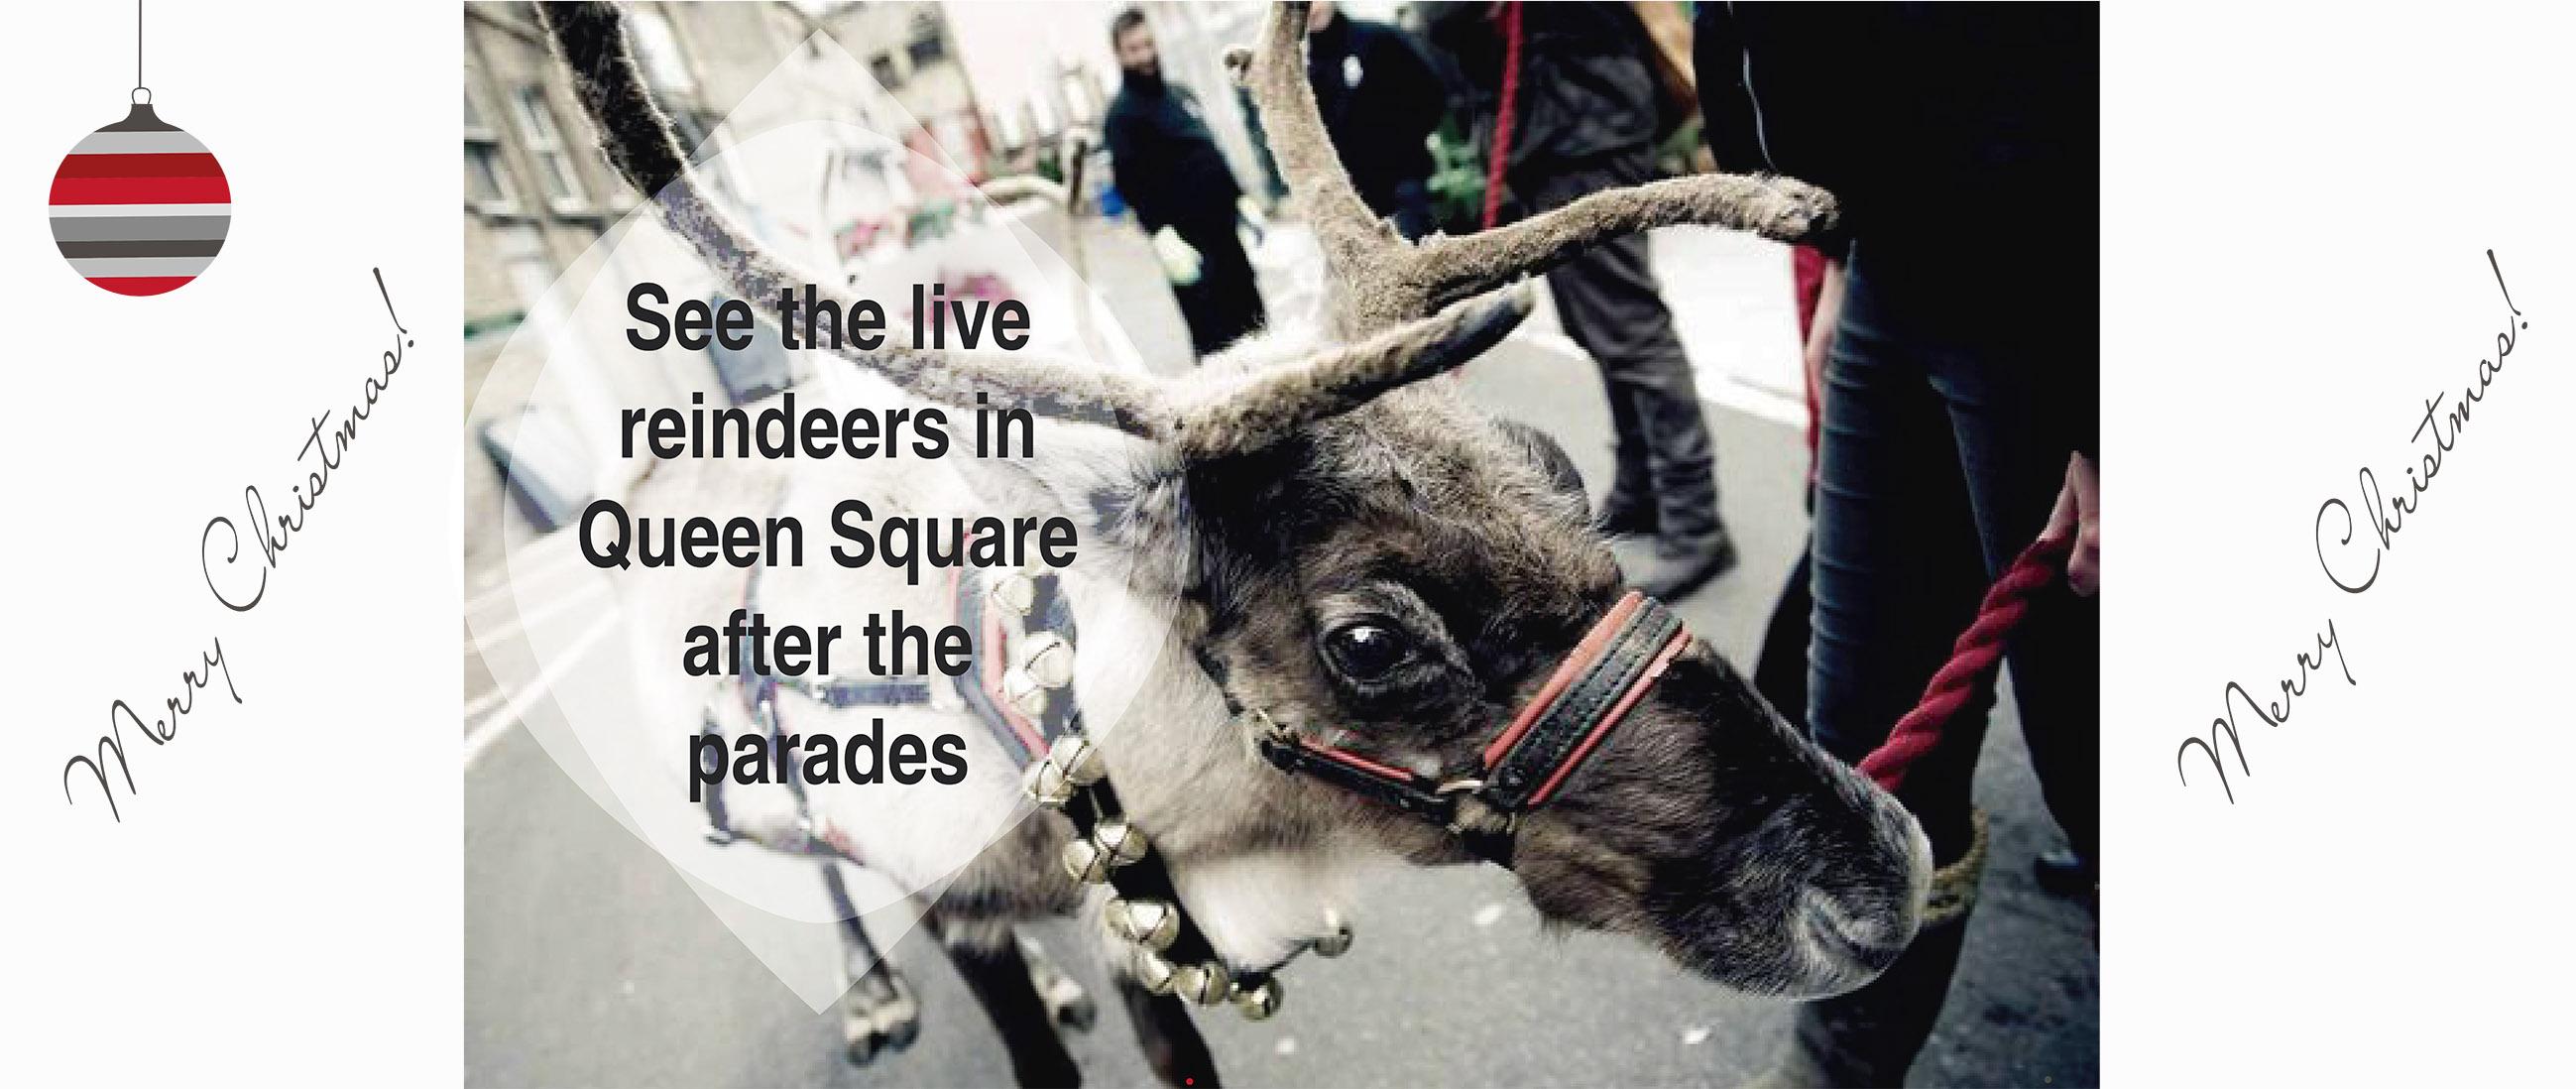 reindeers-queen-square-31